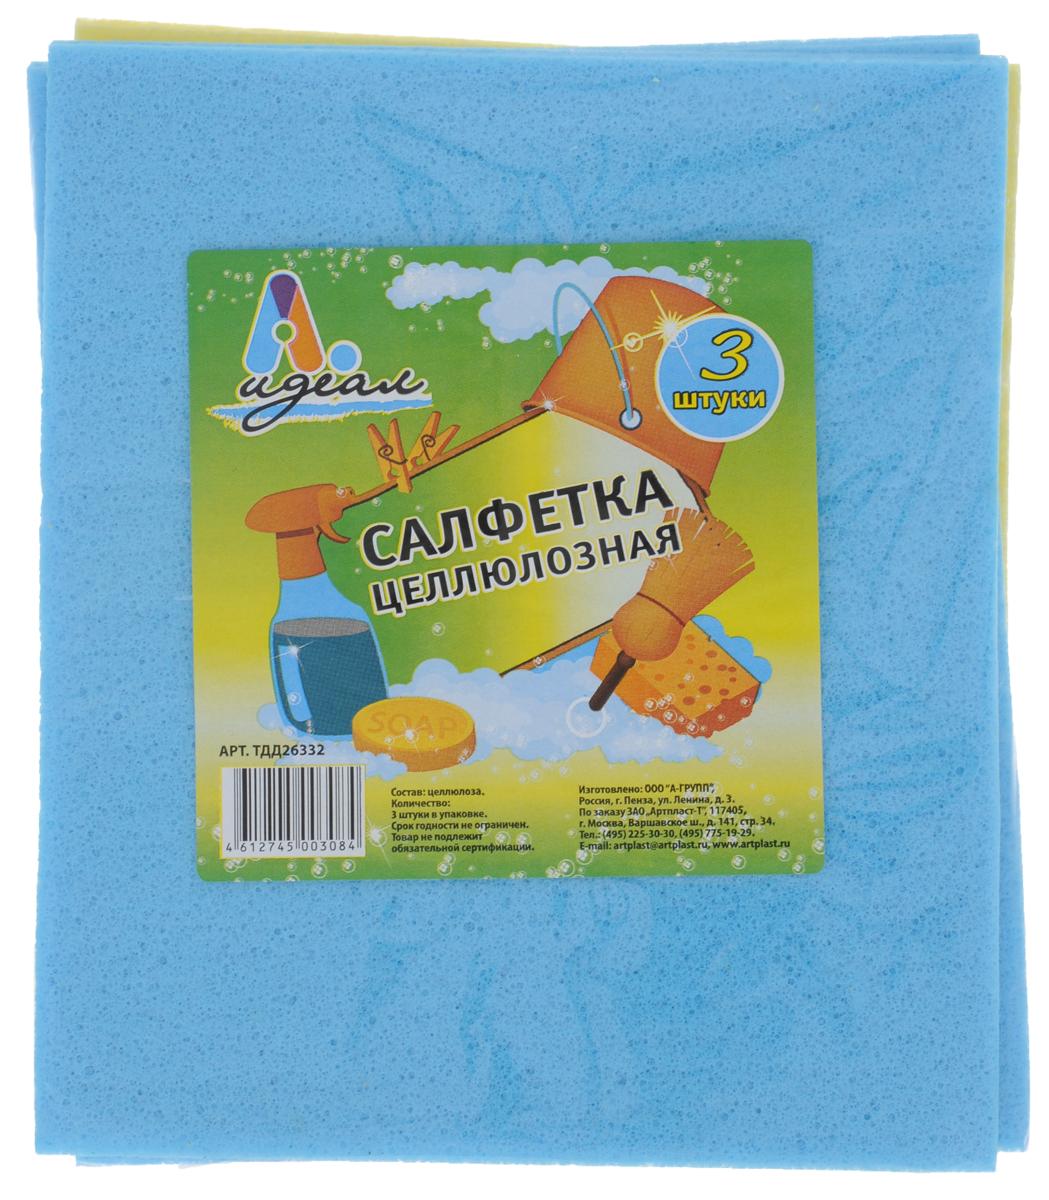 Салфетка губчатая Идеал, цвет: синий, желтый, 15 х 18 см, 3 шт531-105Салфетка губчатая Идеал изготовлена из целлюлозы. Салфетка хорошо впитывает влагу, не оставляет разводов и ворсинок. Можно использовать для сухой или влажной уборки любых поверхностей с моющими средствами или без них.